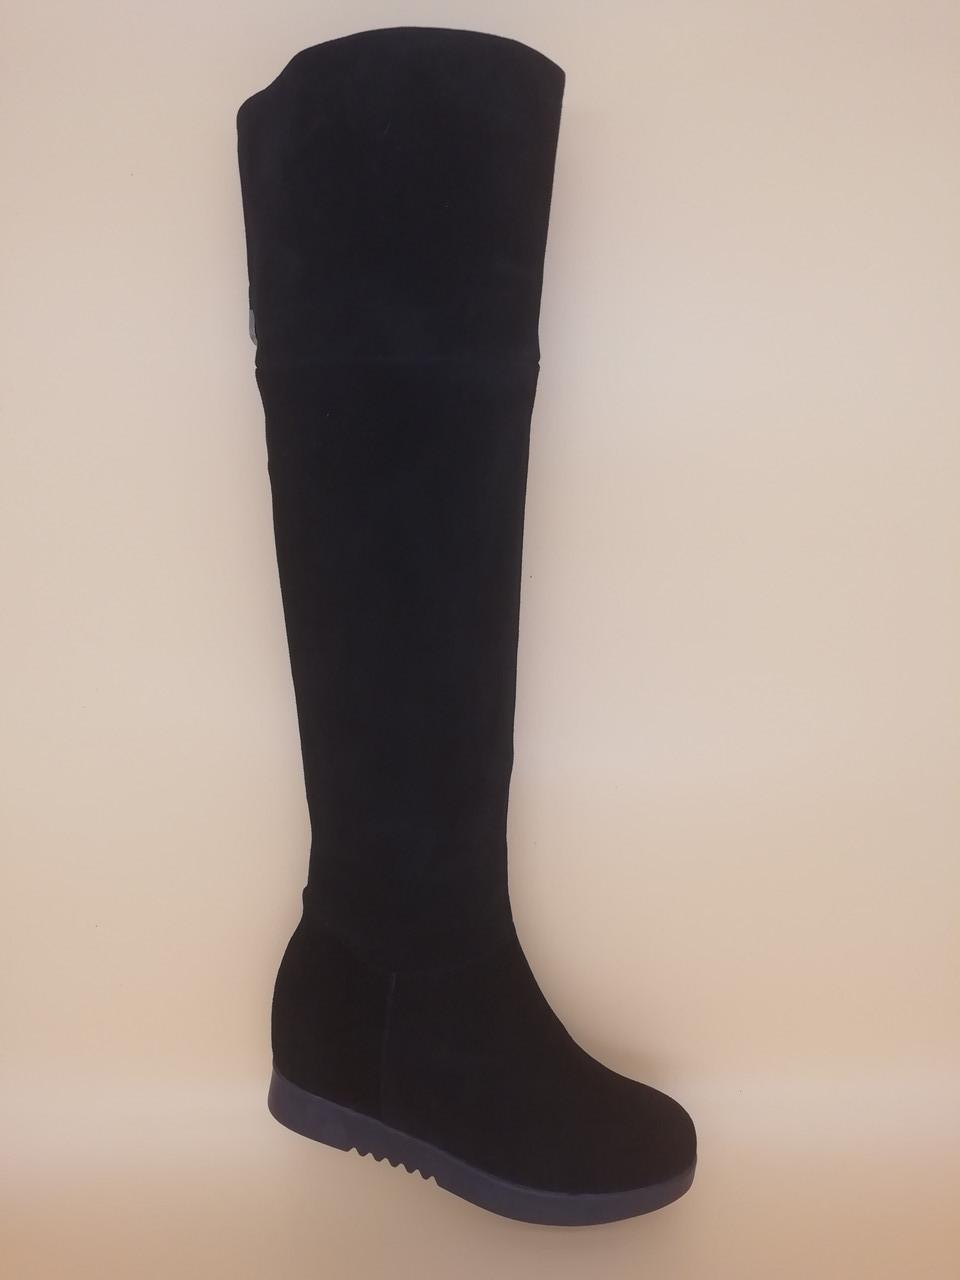 Высокие зимние сапоги. Ботфорды. Маленькие размеры (33 - 35).